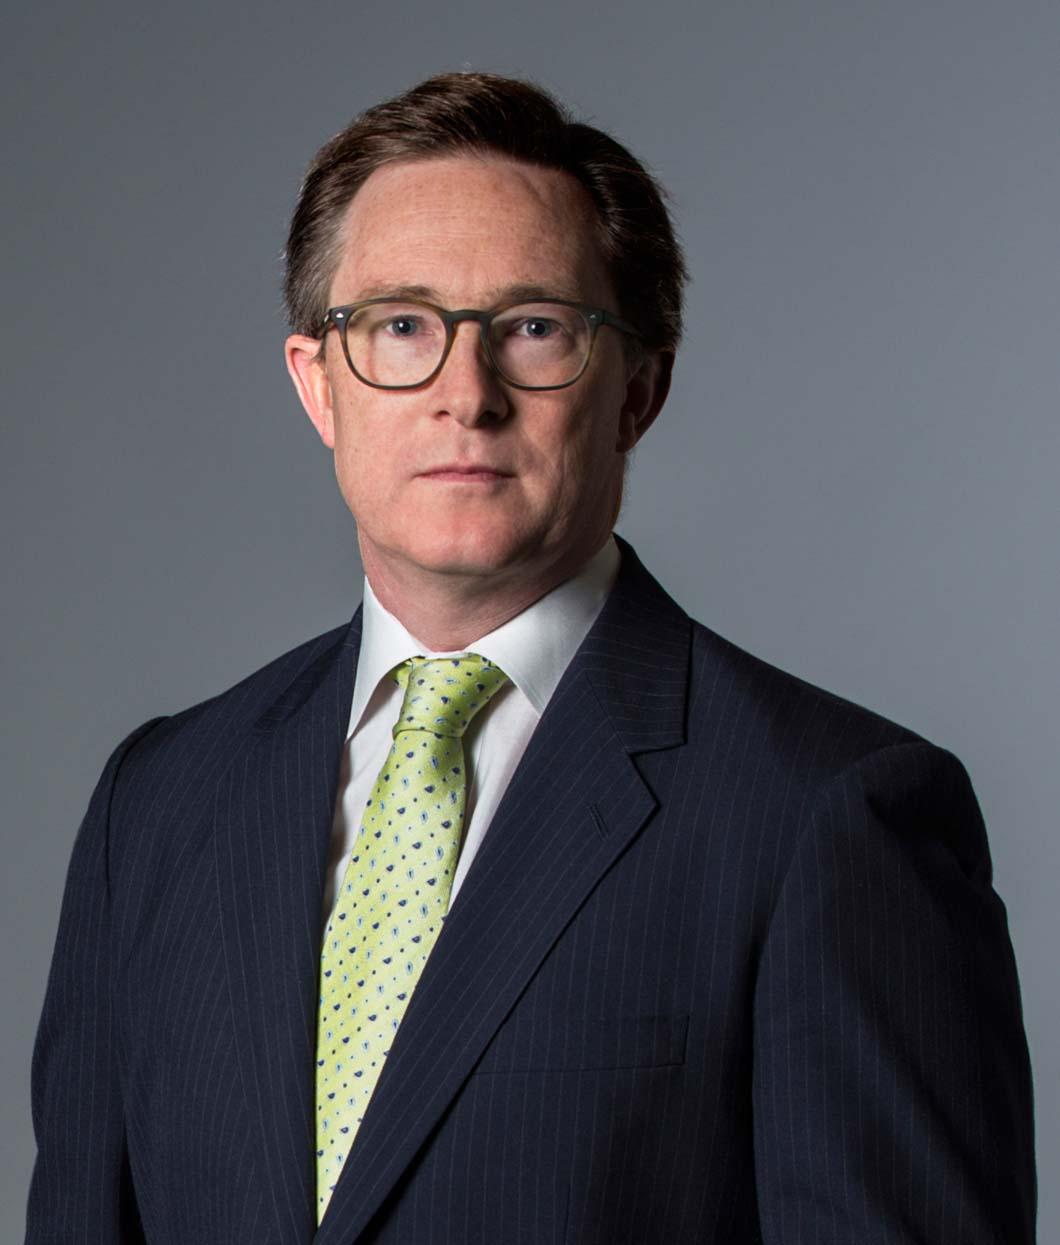 Stuart Lawrance